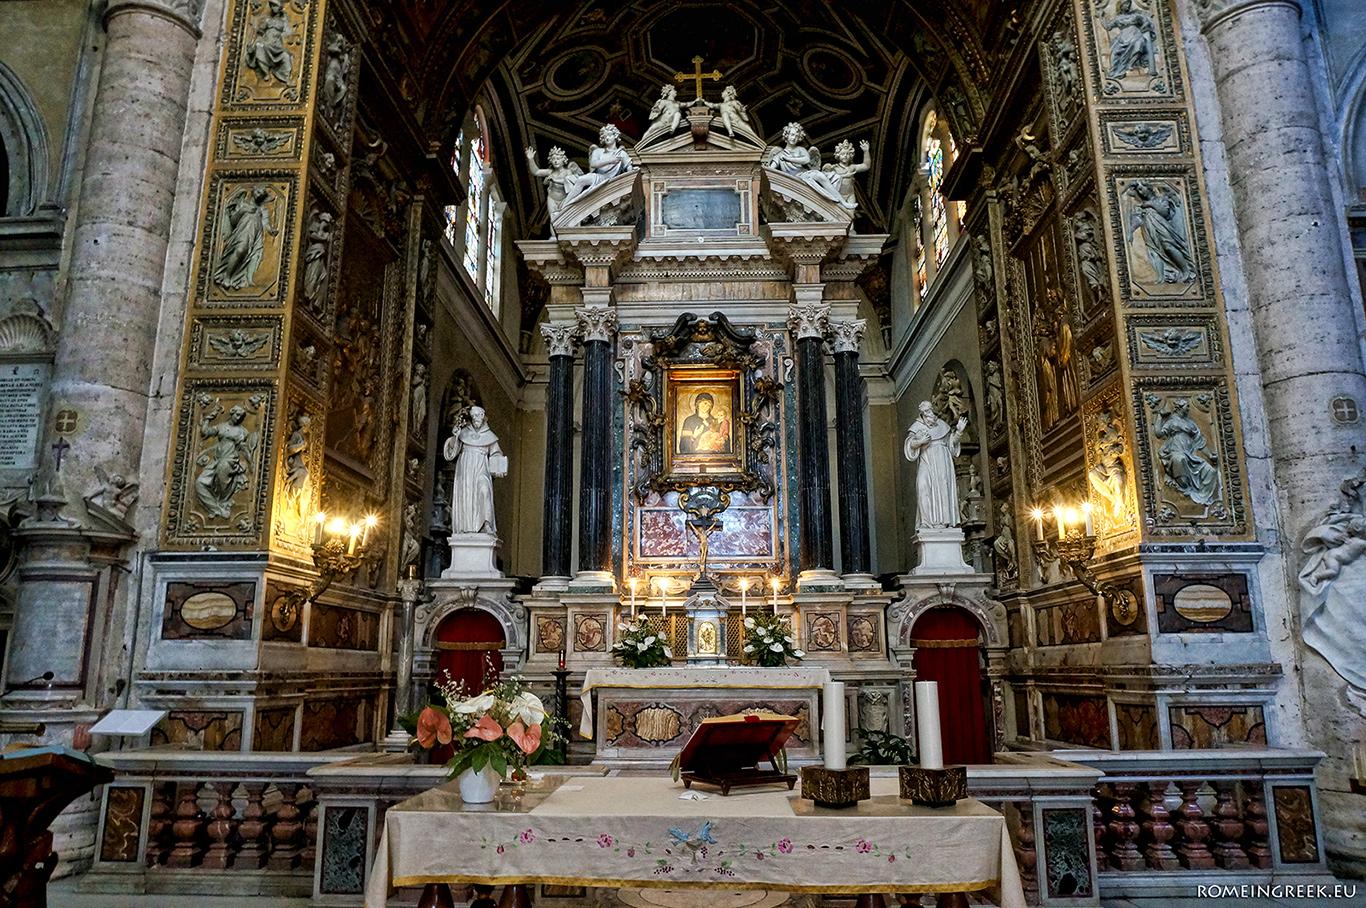 Το ιερό του Μπραμάντε και η εικόνα της Παναγίας